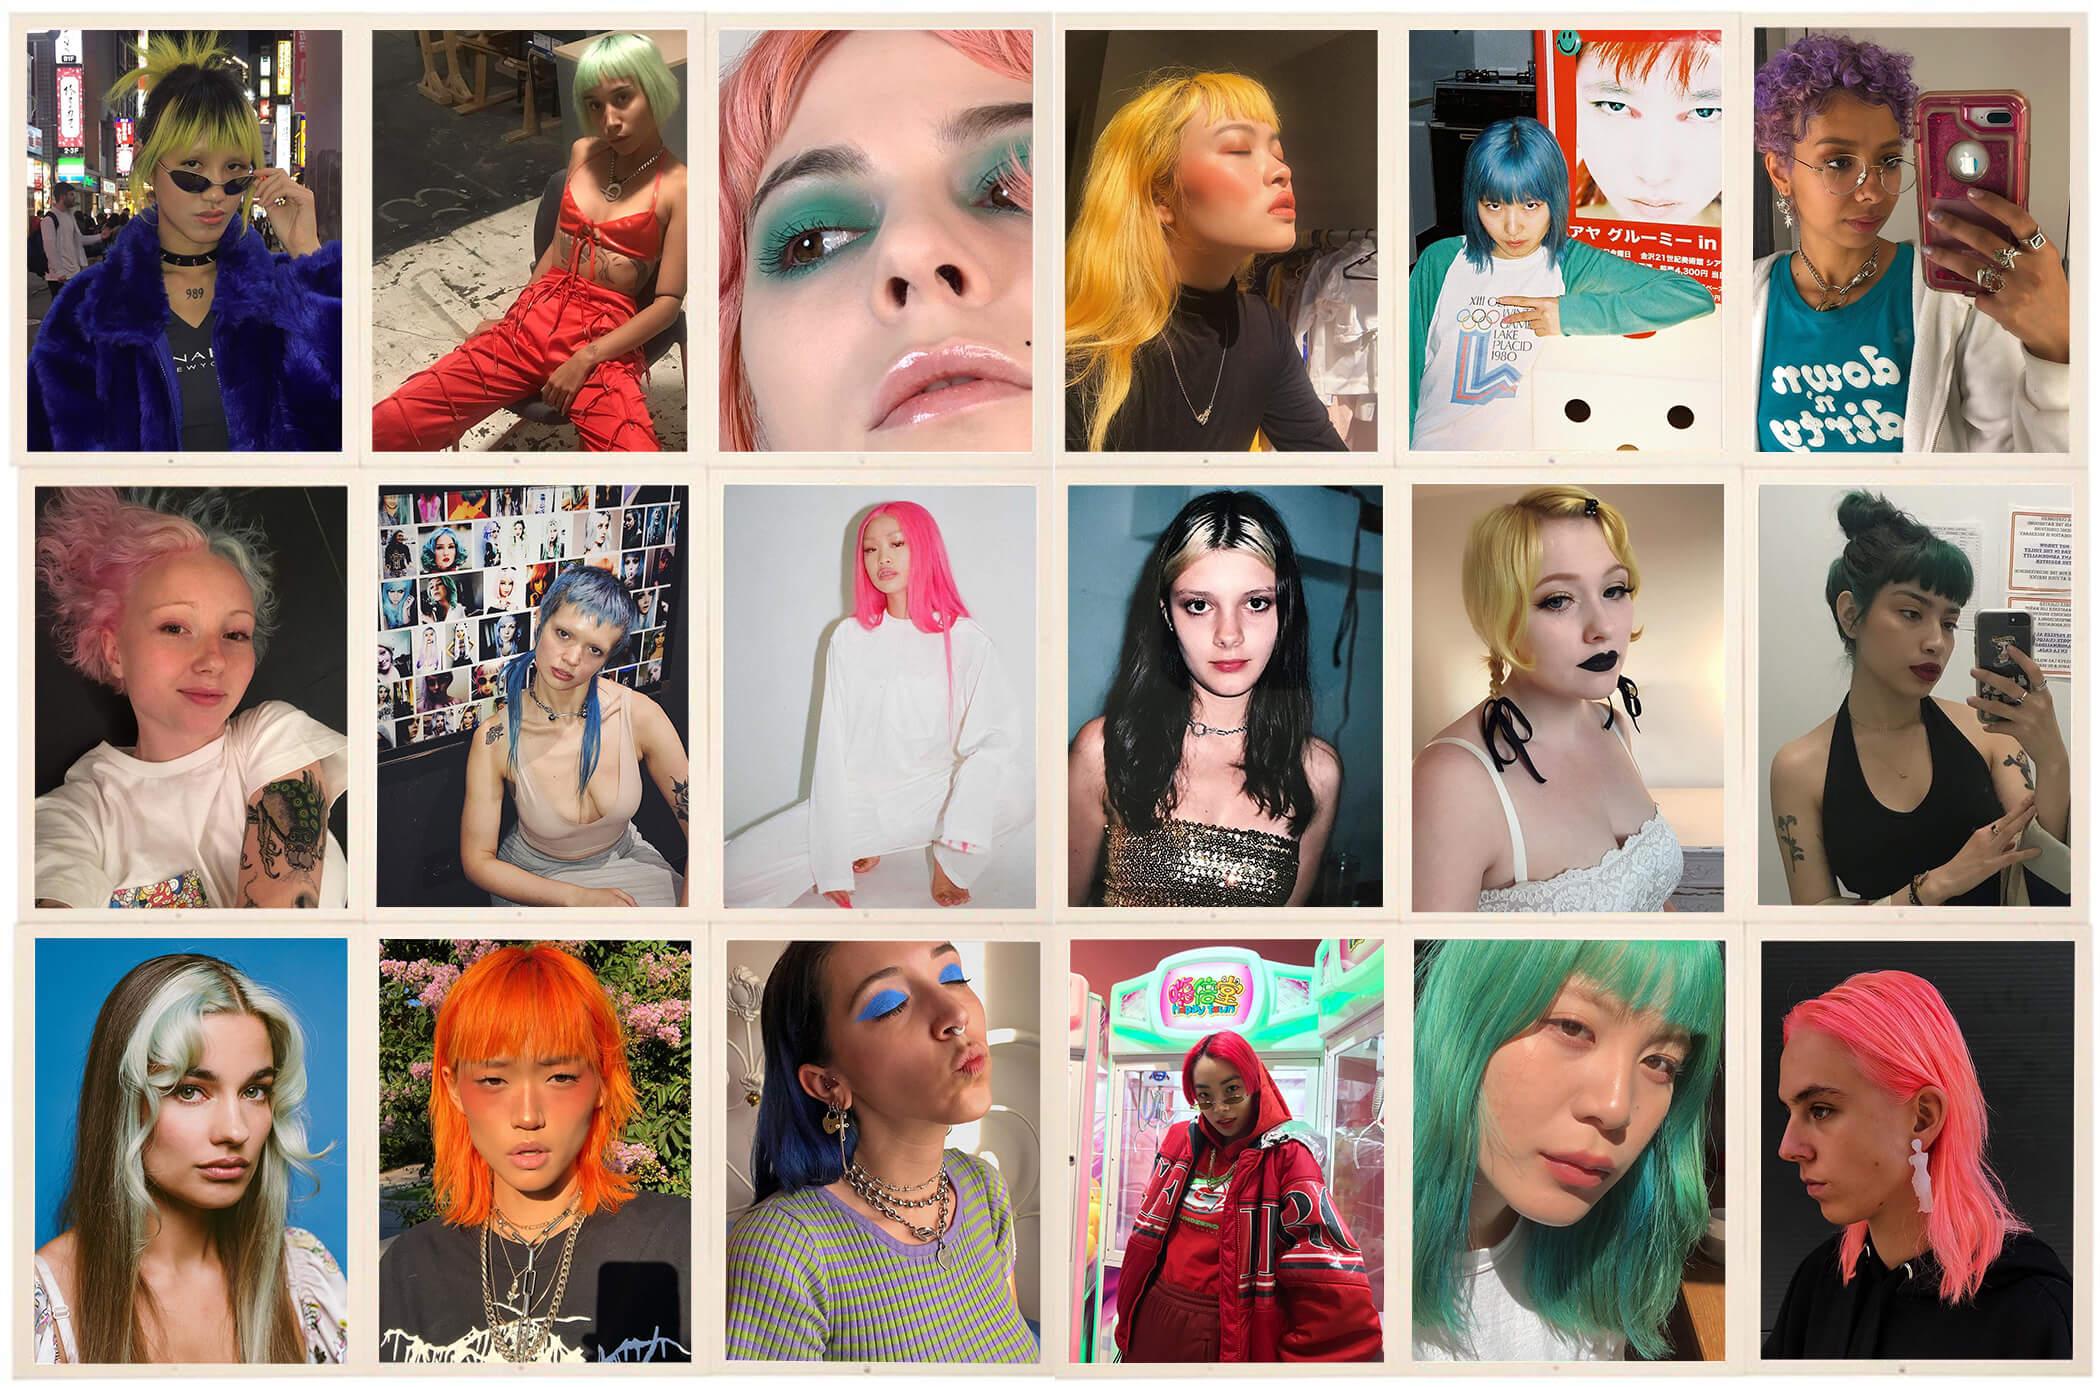 何色にだってなれる! 自由にヘアカラーを楽しんでいる女の子たち。